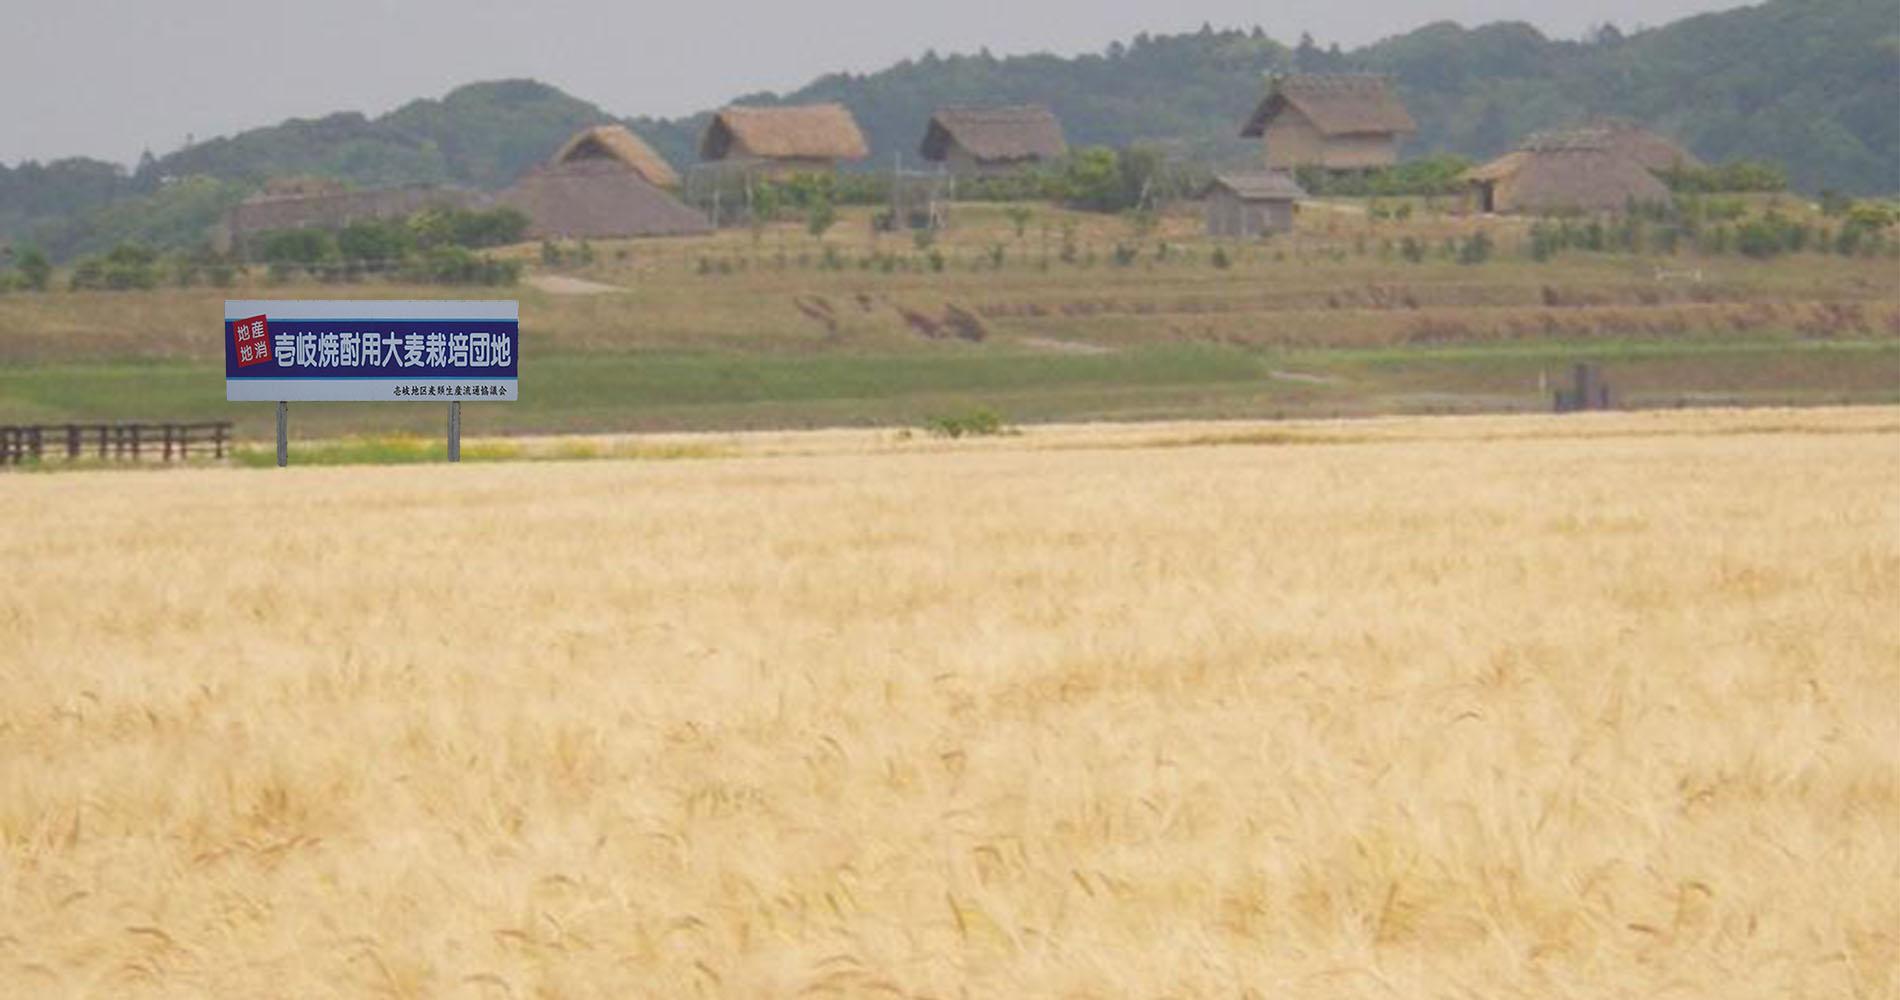 壱岐焼酎の原料となる麦畑